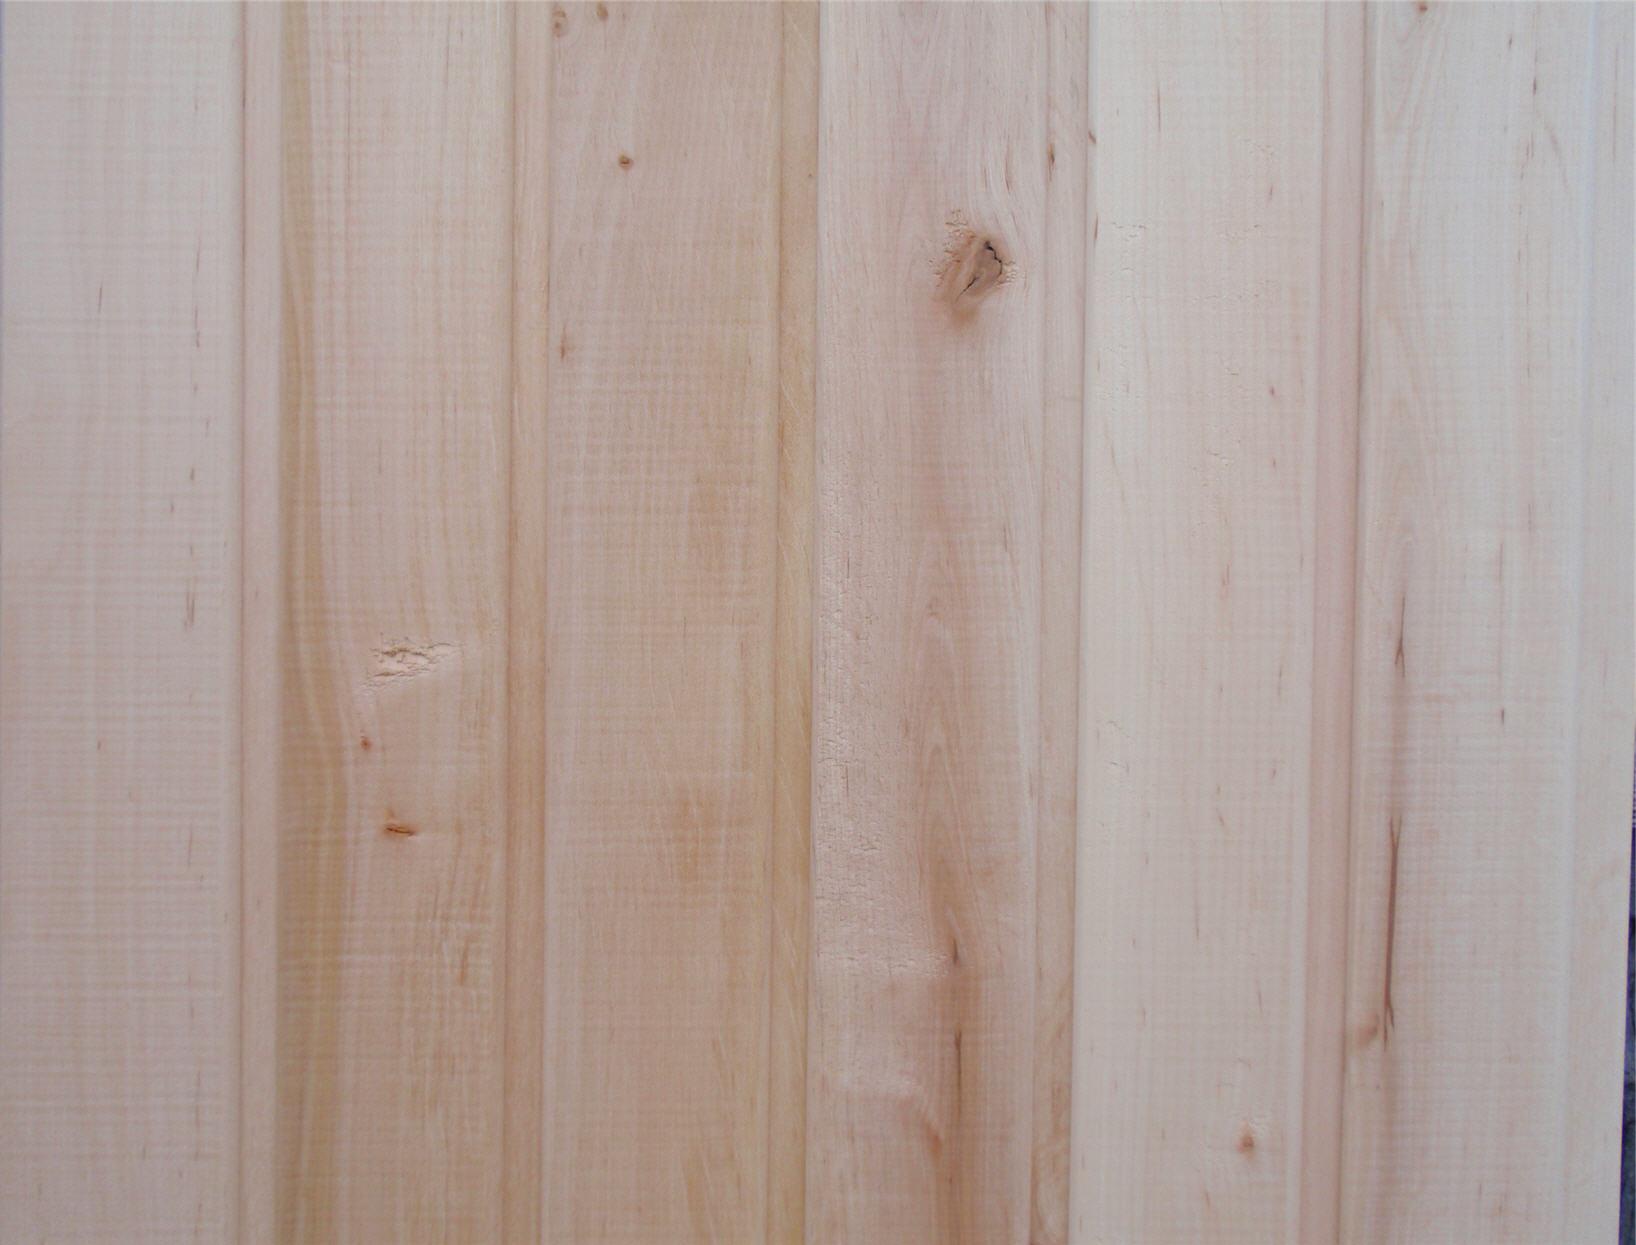 Prix lambris plafond bois prix travaux maison aulnay sous bois soci t phwts - Prix lambris bois plafond ...